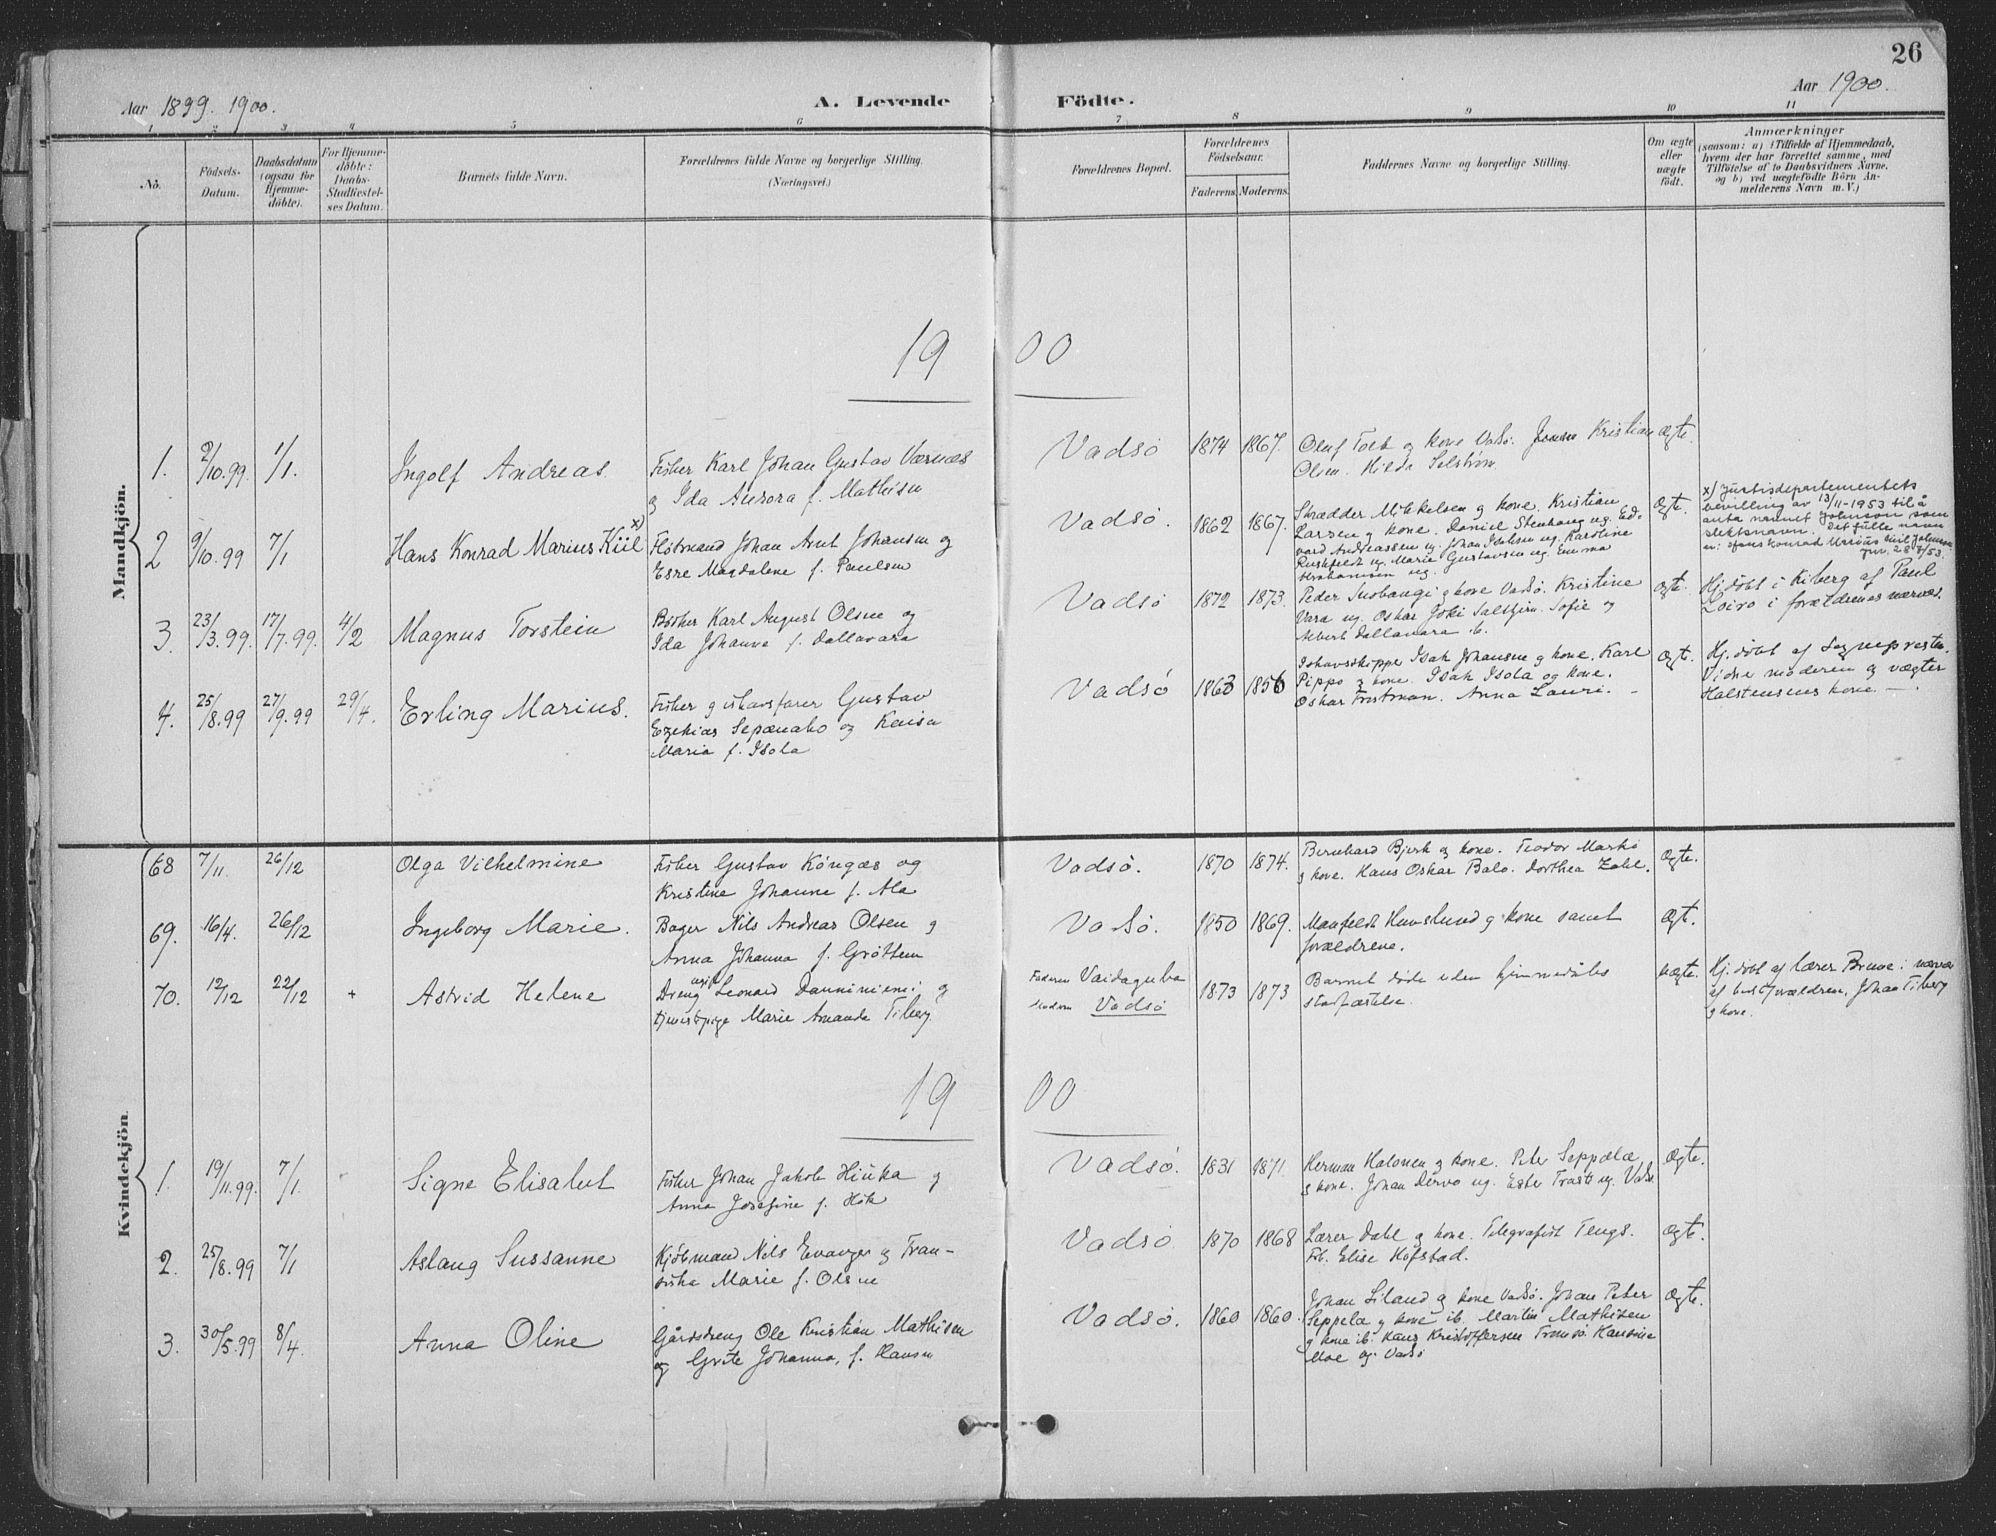 SATØ, Vadsø sokneprestkontor, H/Ha/L0007kirke: Ministerialbok nr. 7, 1896-1916, s. 26